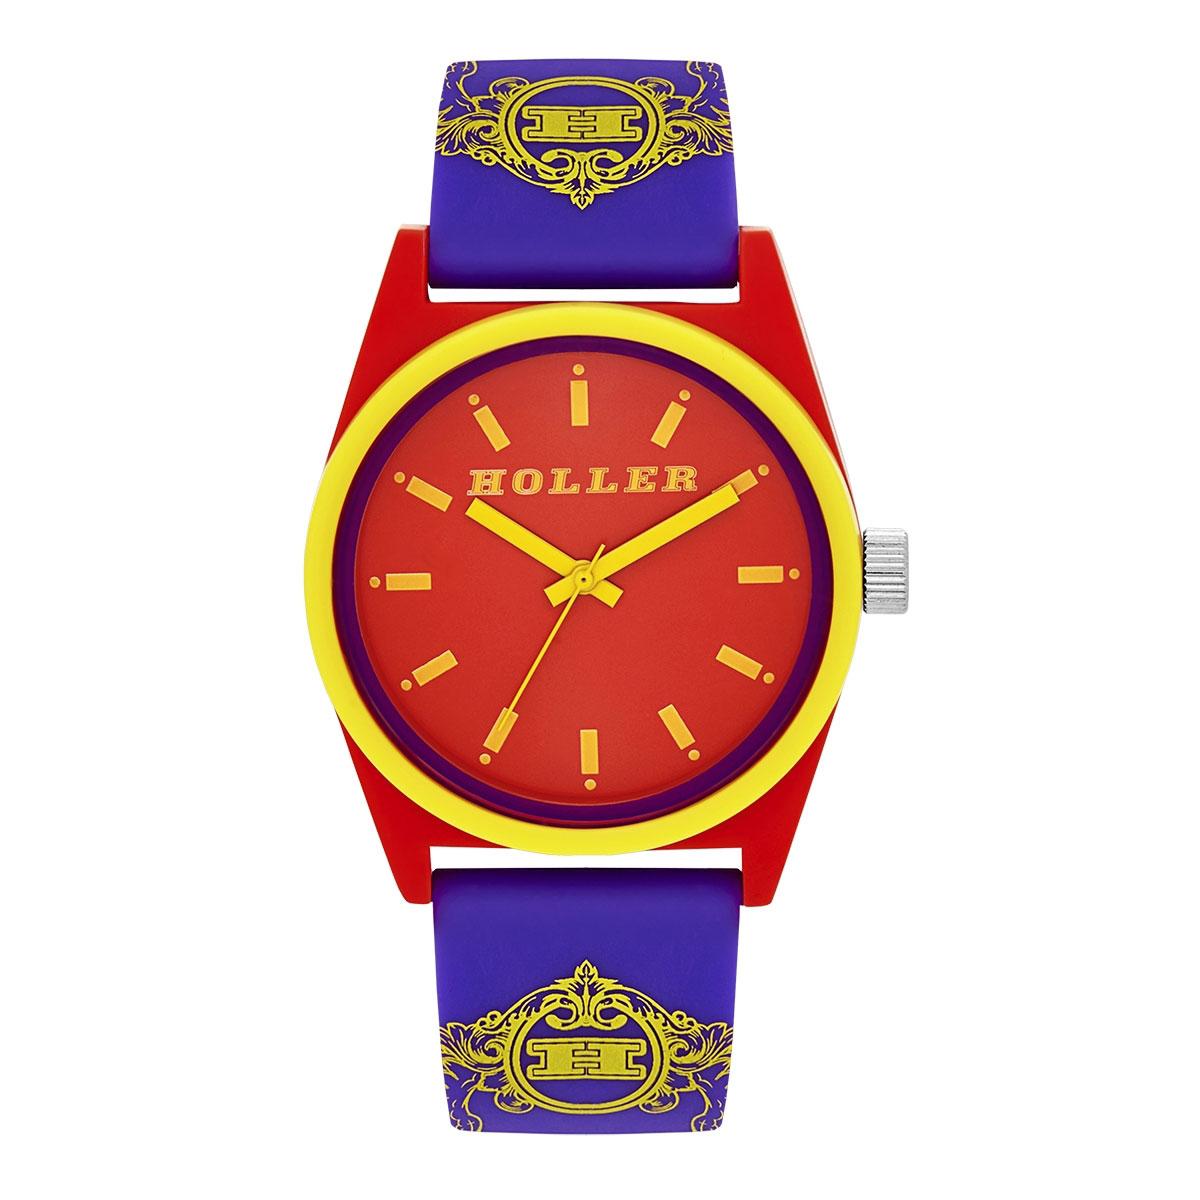 Backbeat Purple & Red Watch